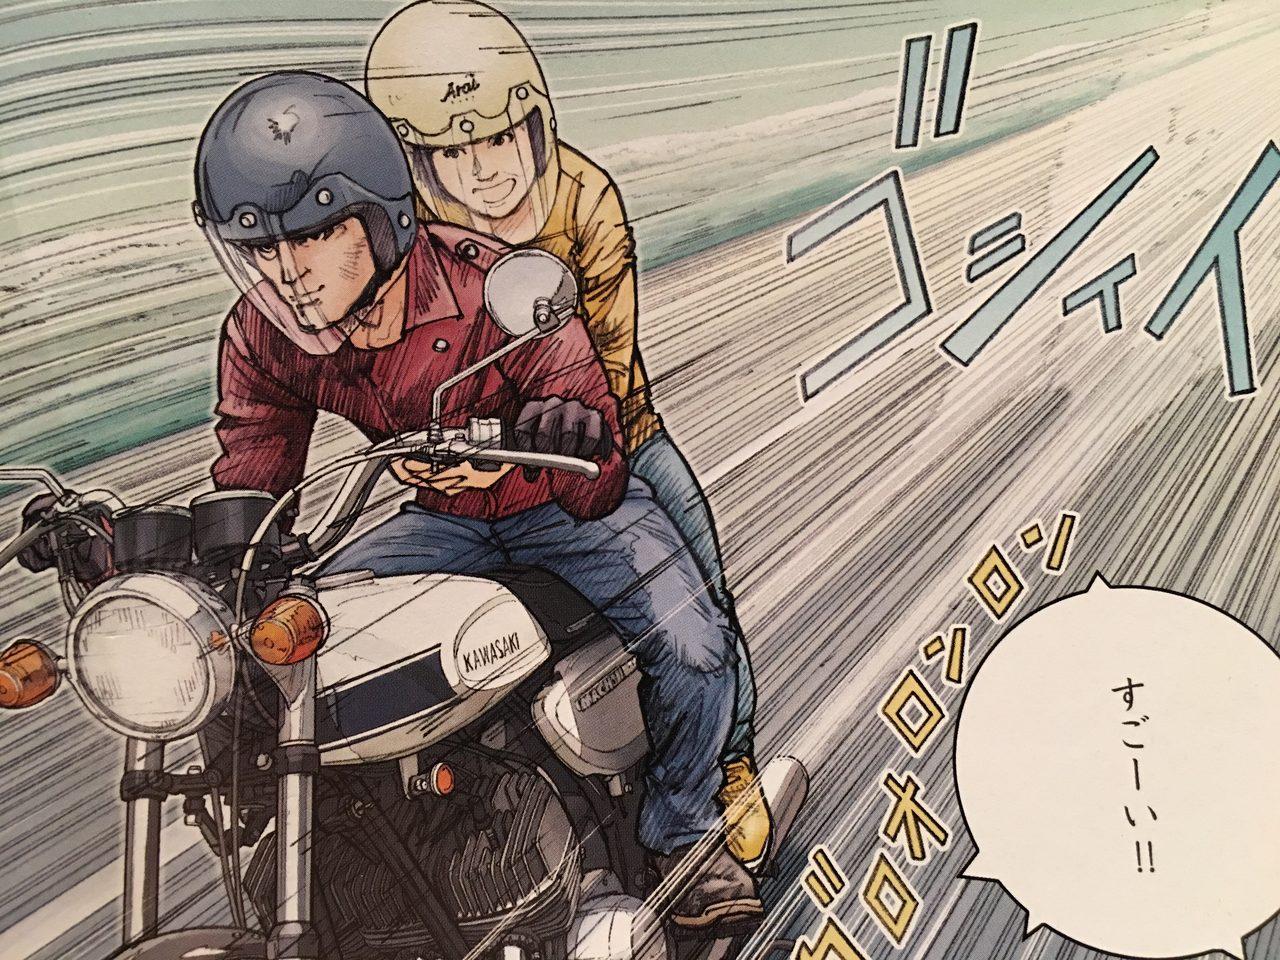 画像: マッハに疲れた男を、マッハに憑かれた男に変えたのは女の一言だった - 『RIDEX ライデックス カワサキ スペシャルエディション』より  - LAWRENCE(ロレンス) - Motorcycle x Cars + α = Your Life.